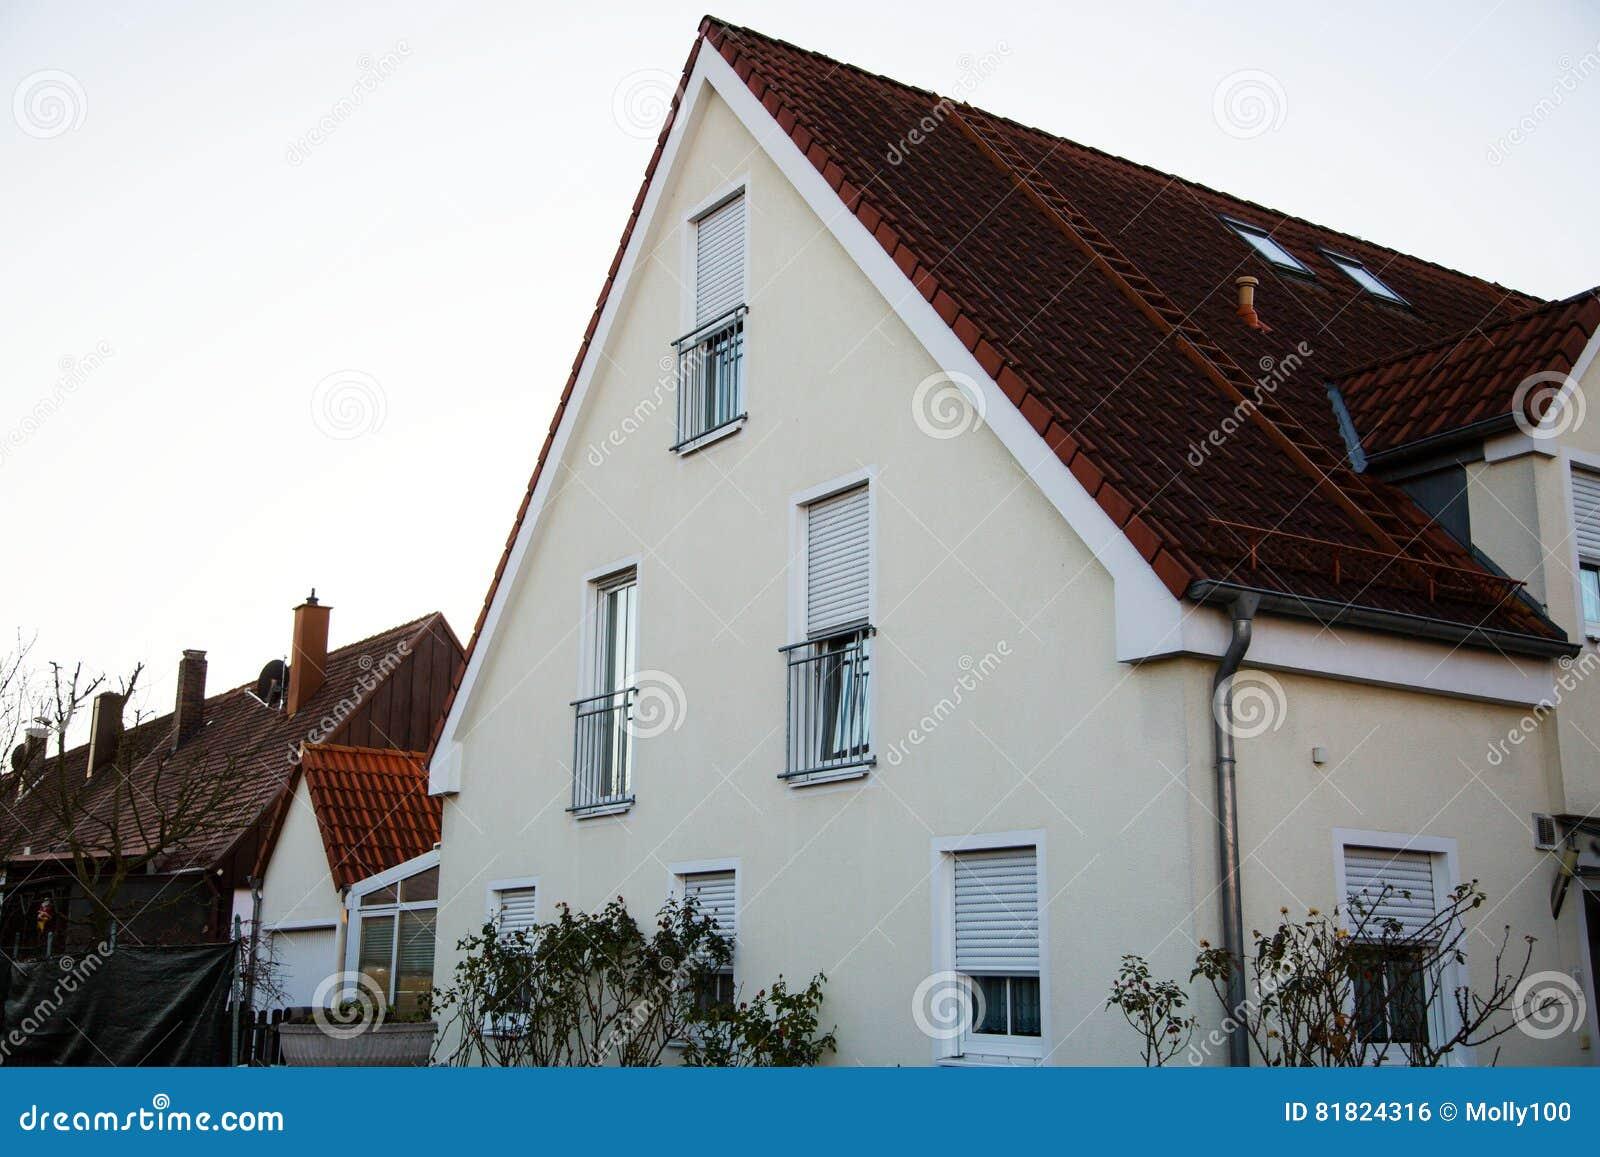 单身家庭的房子在慕尼黑,蓝天,白色门面